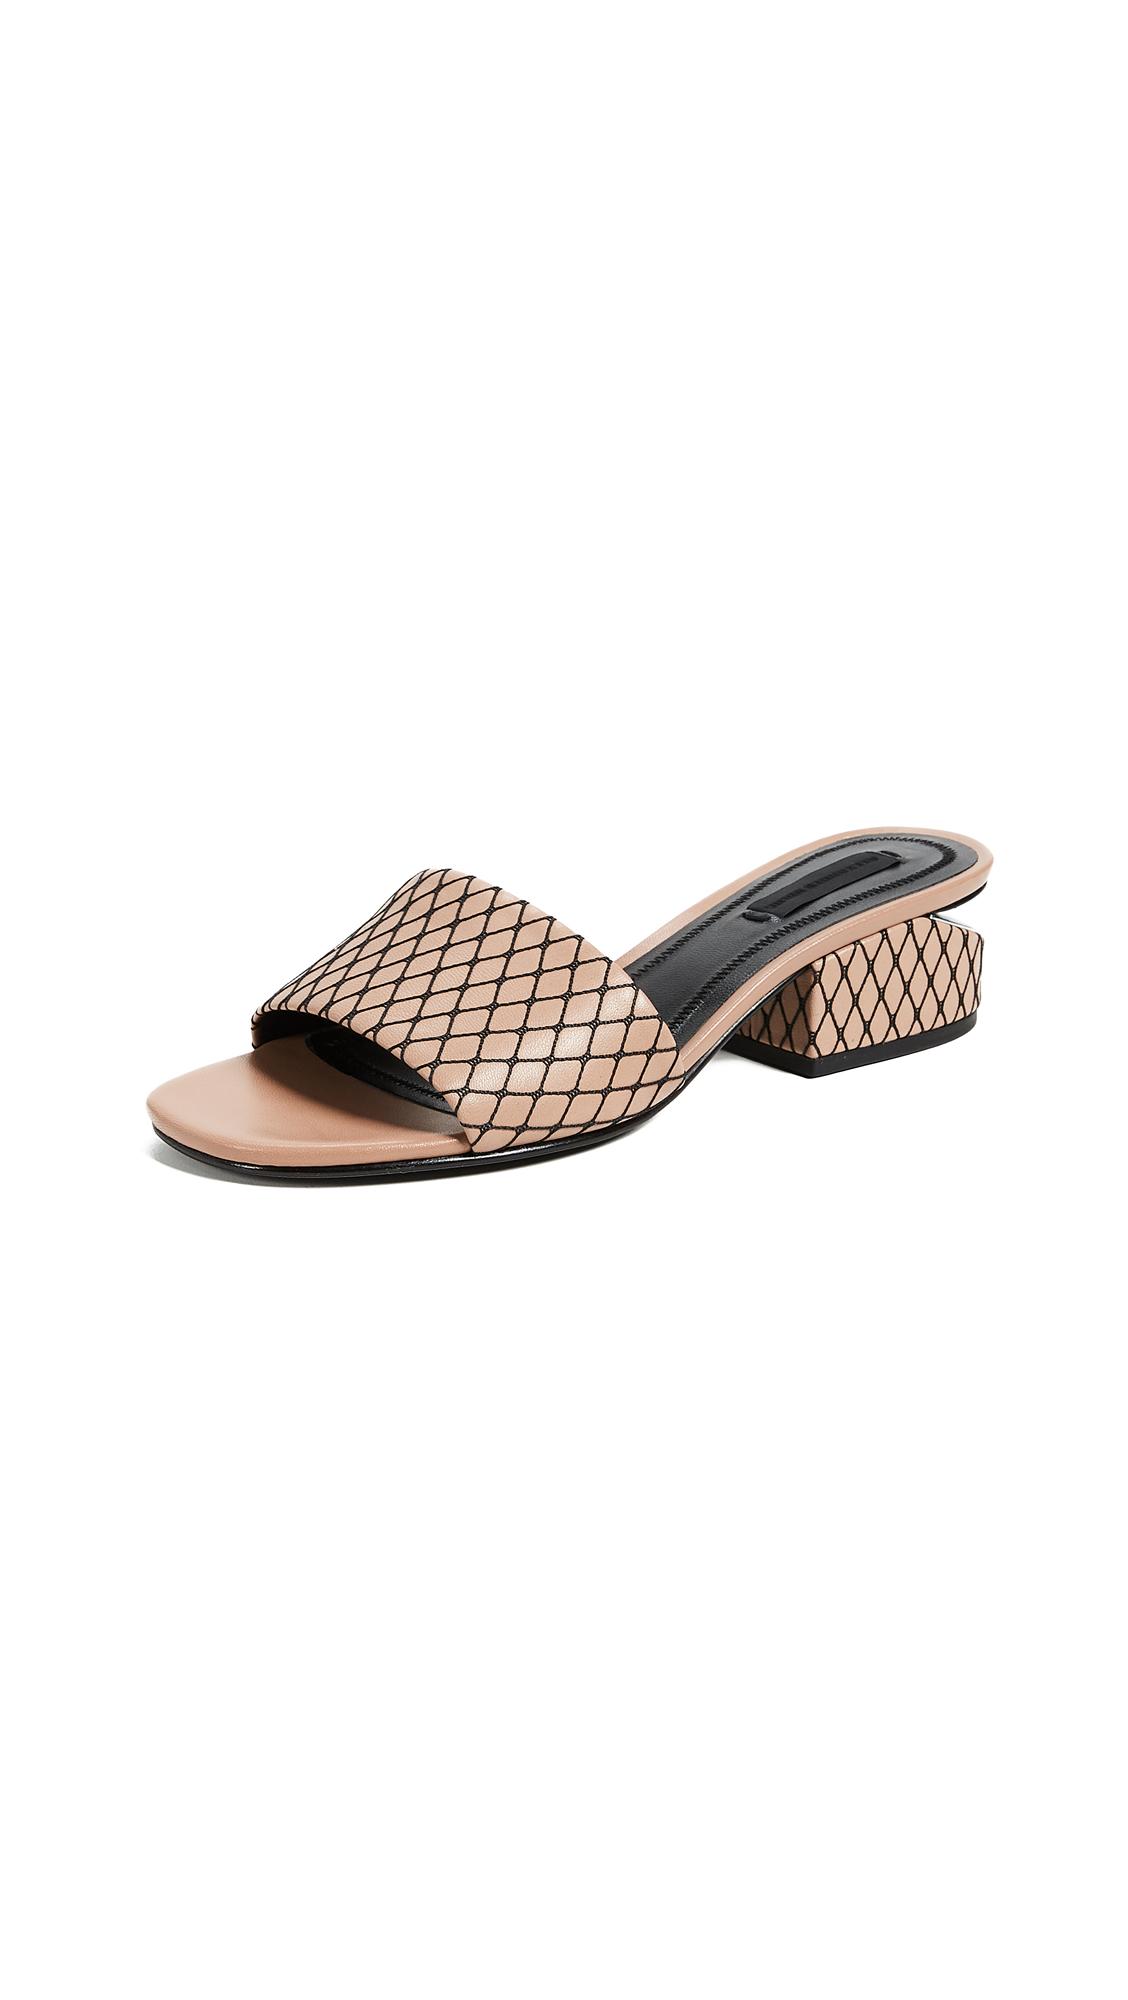 Alexander Wang Lou Low Heel Slide Sandals - Nude